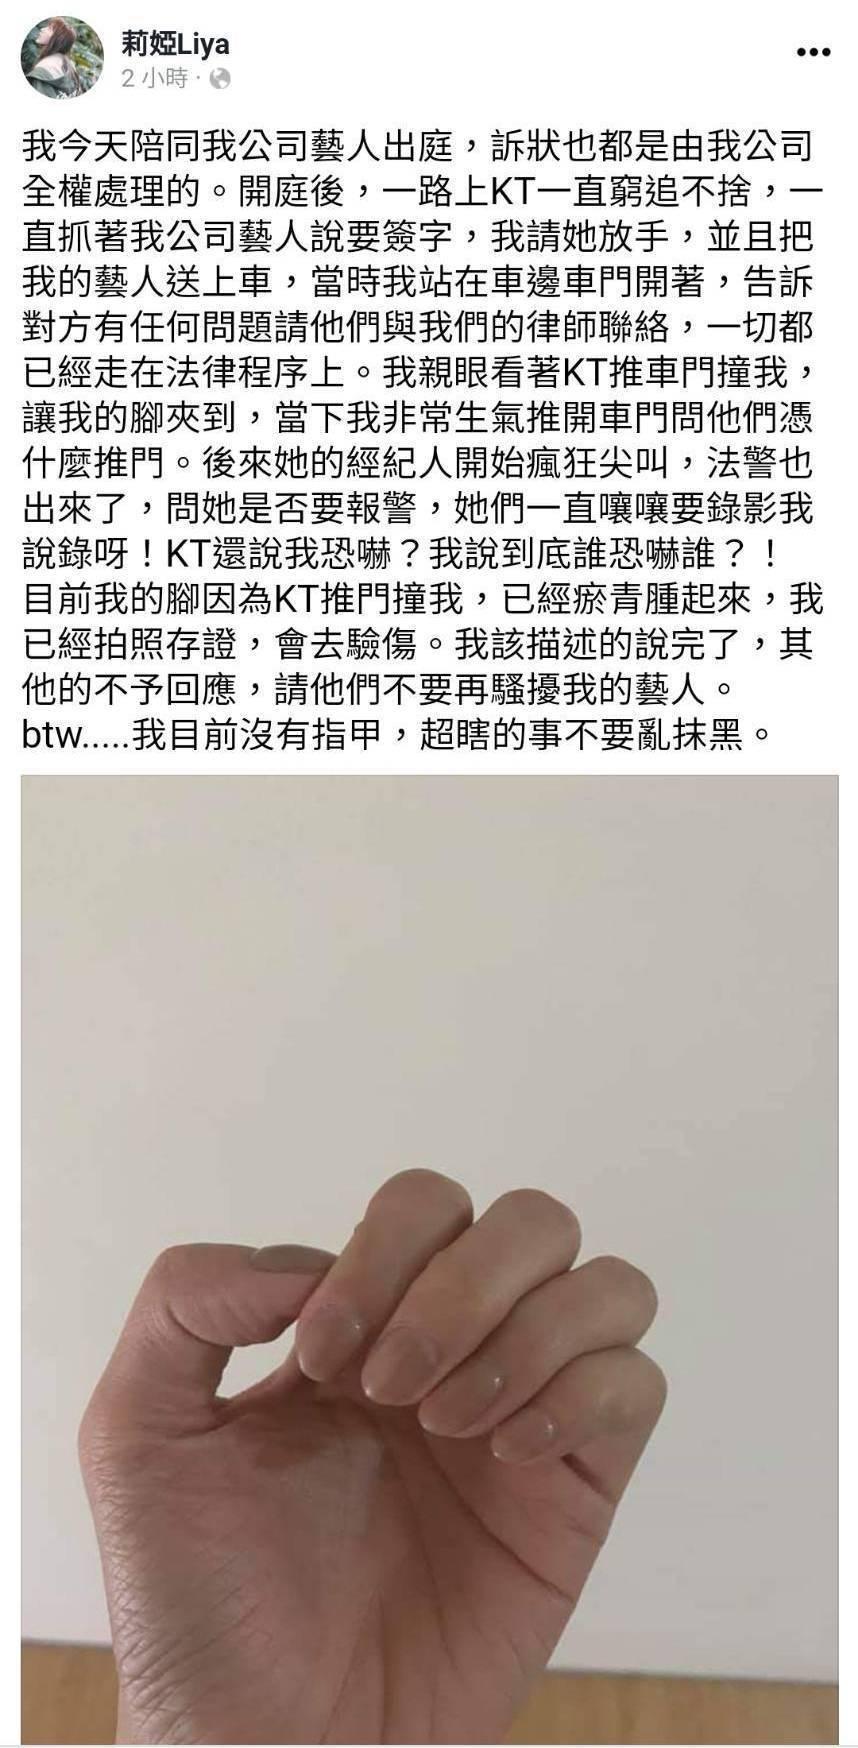 莉婭發文駁斥抓傷人。圖/擷自臉書